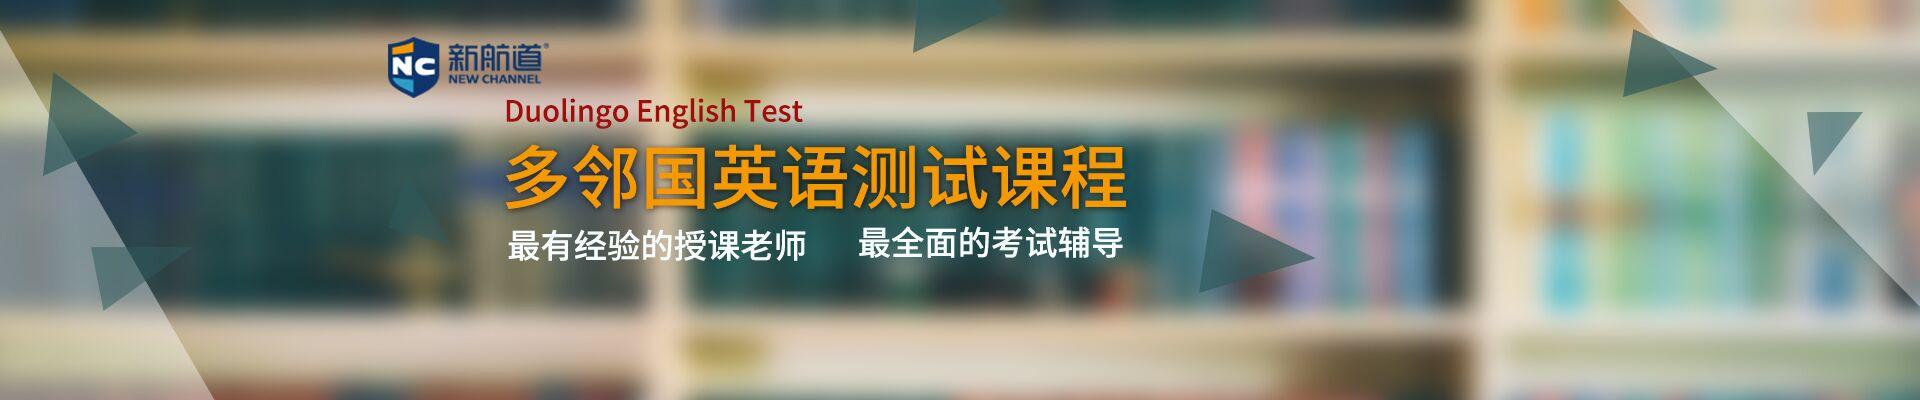 杭州下城区延安路新航道英语培训